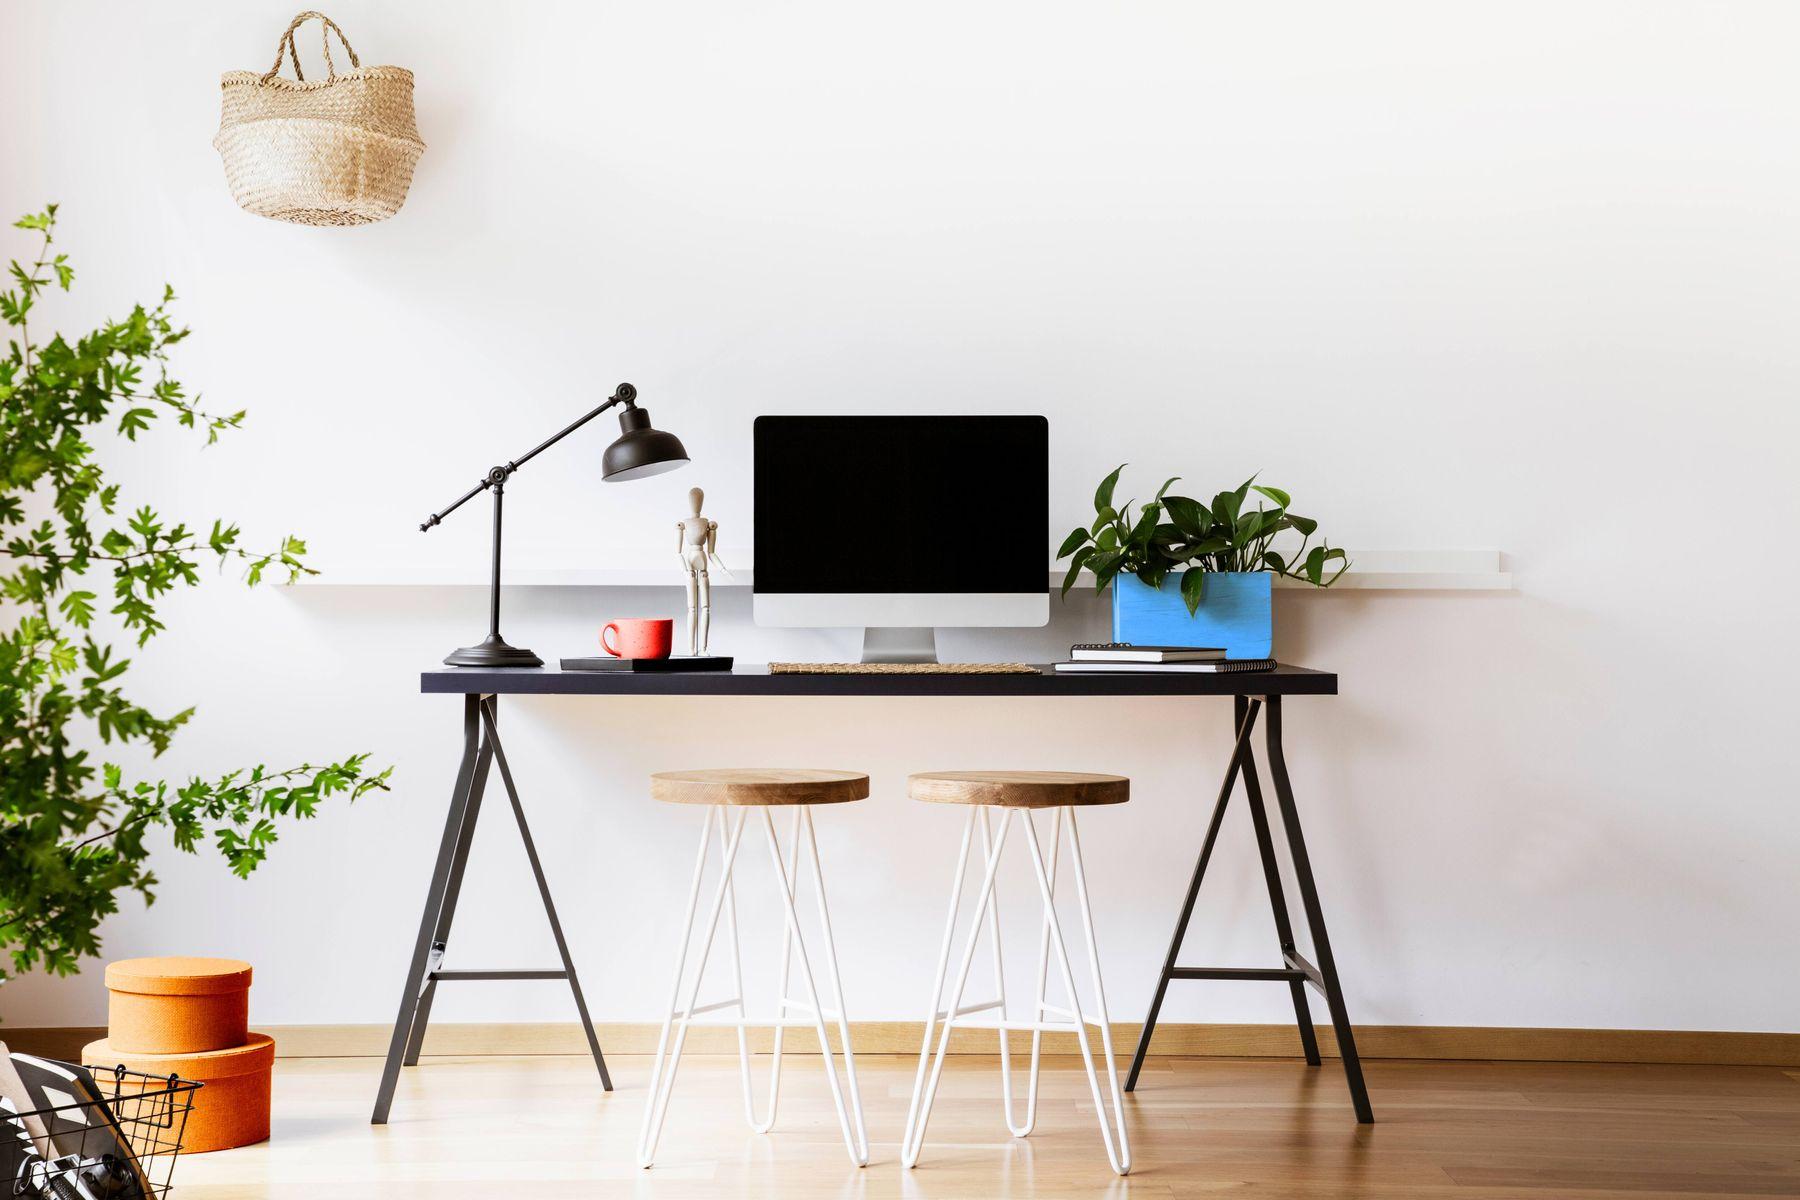 Mesa de trabalho com cavaletes, com luminária e um vaso de planta em cima; e duas banquetas, uma sacola pendurada na parede e uma planta grande no chão